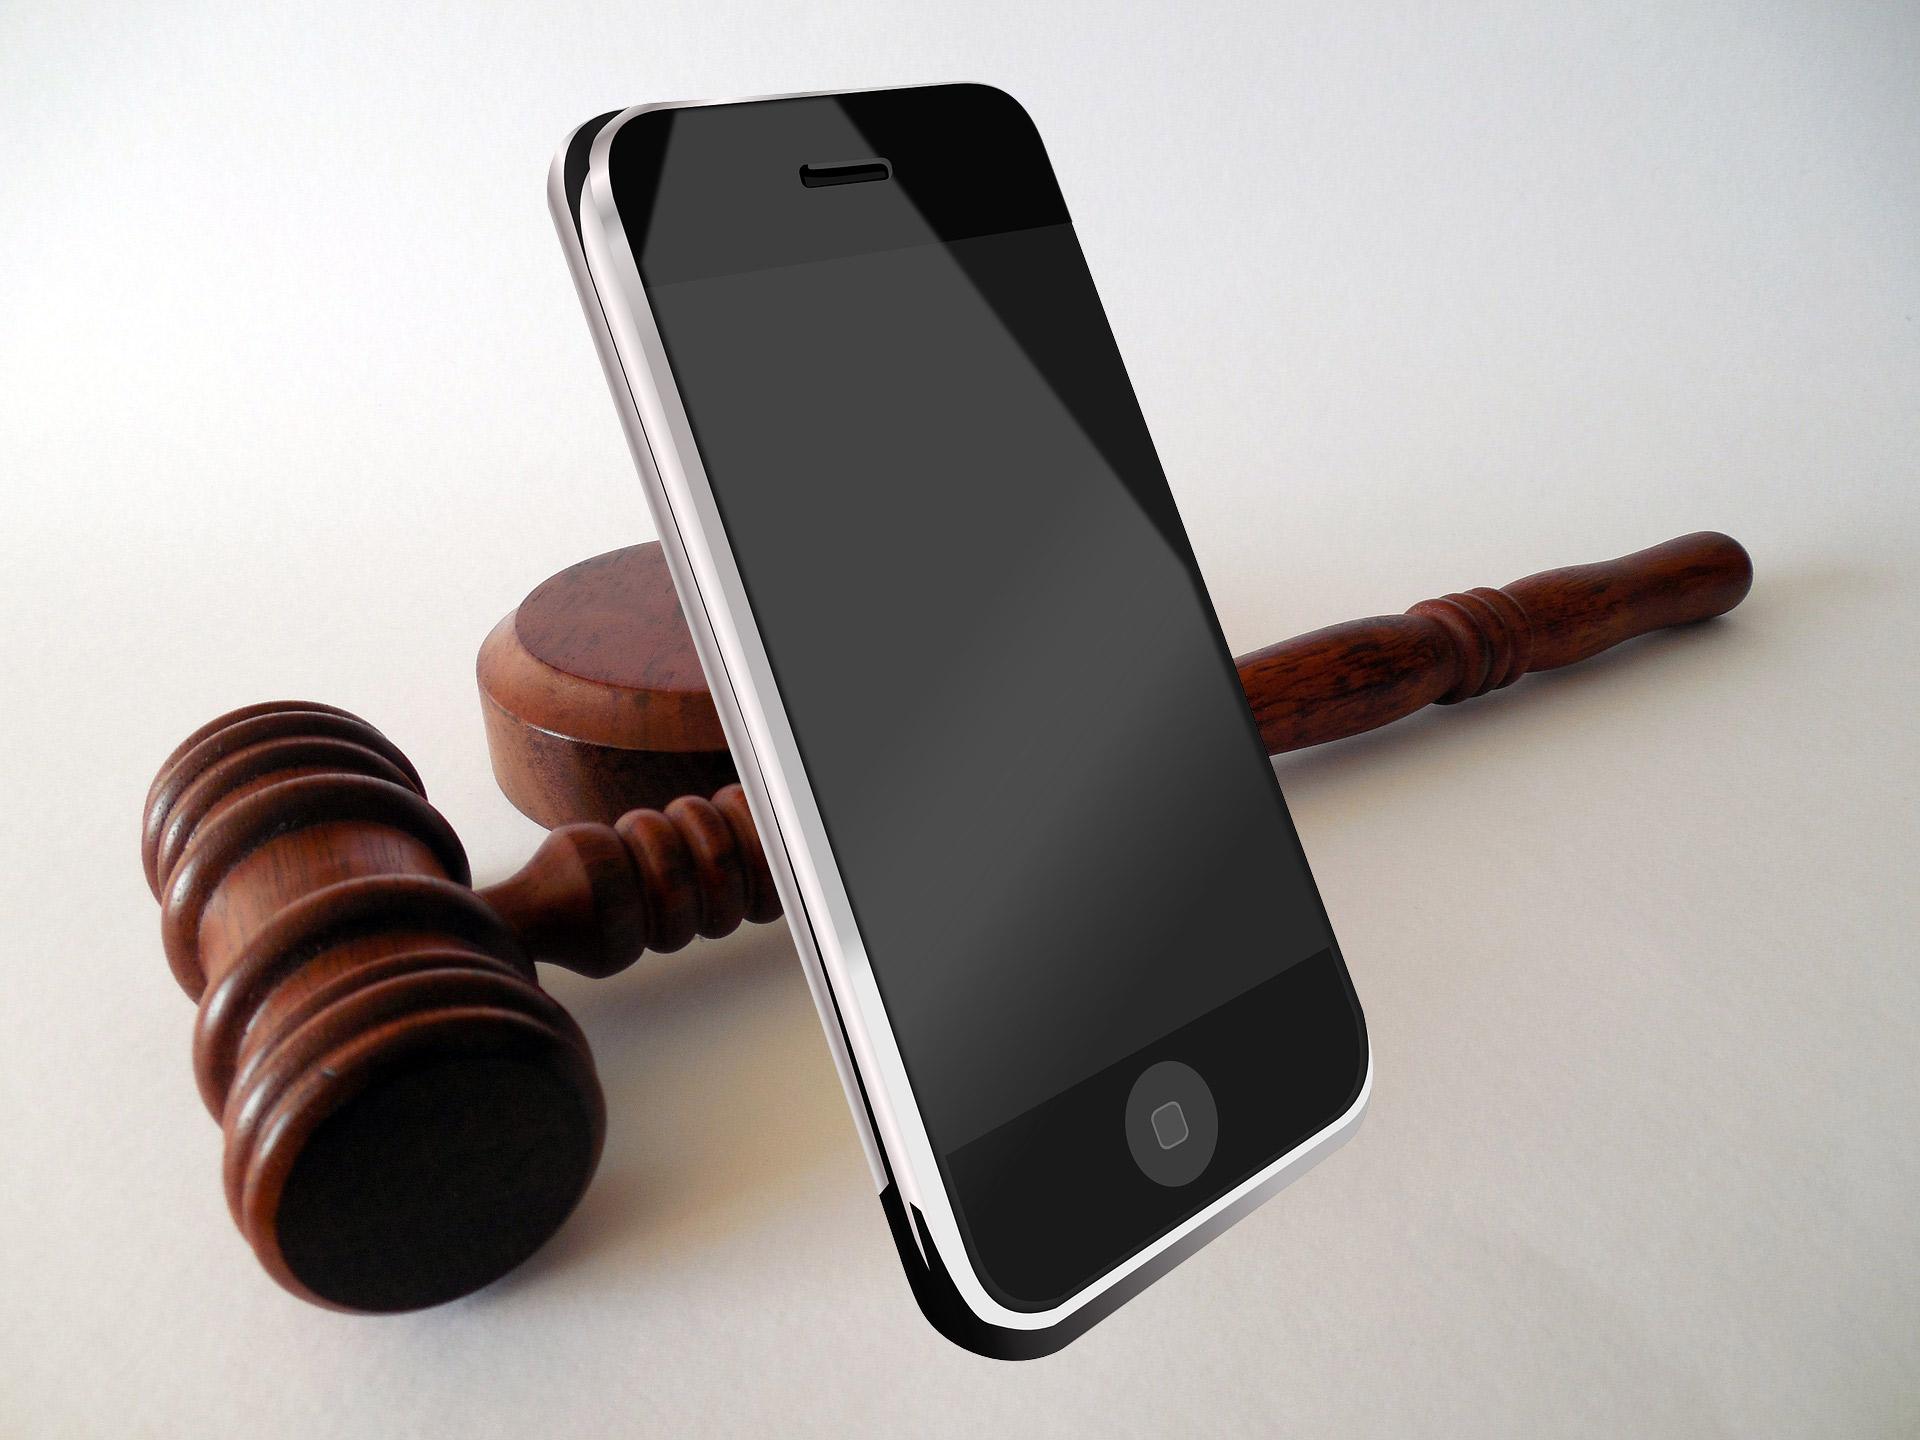 Sentencia del Tribunal de Justicia de la Unión Europea (TJUE) sobre comunicaciones electrónicas y tratamiento de datos personales.